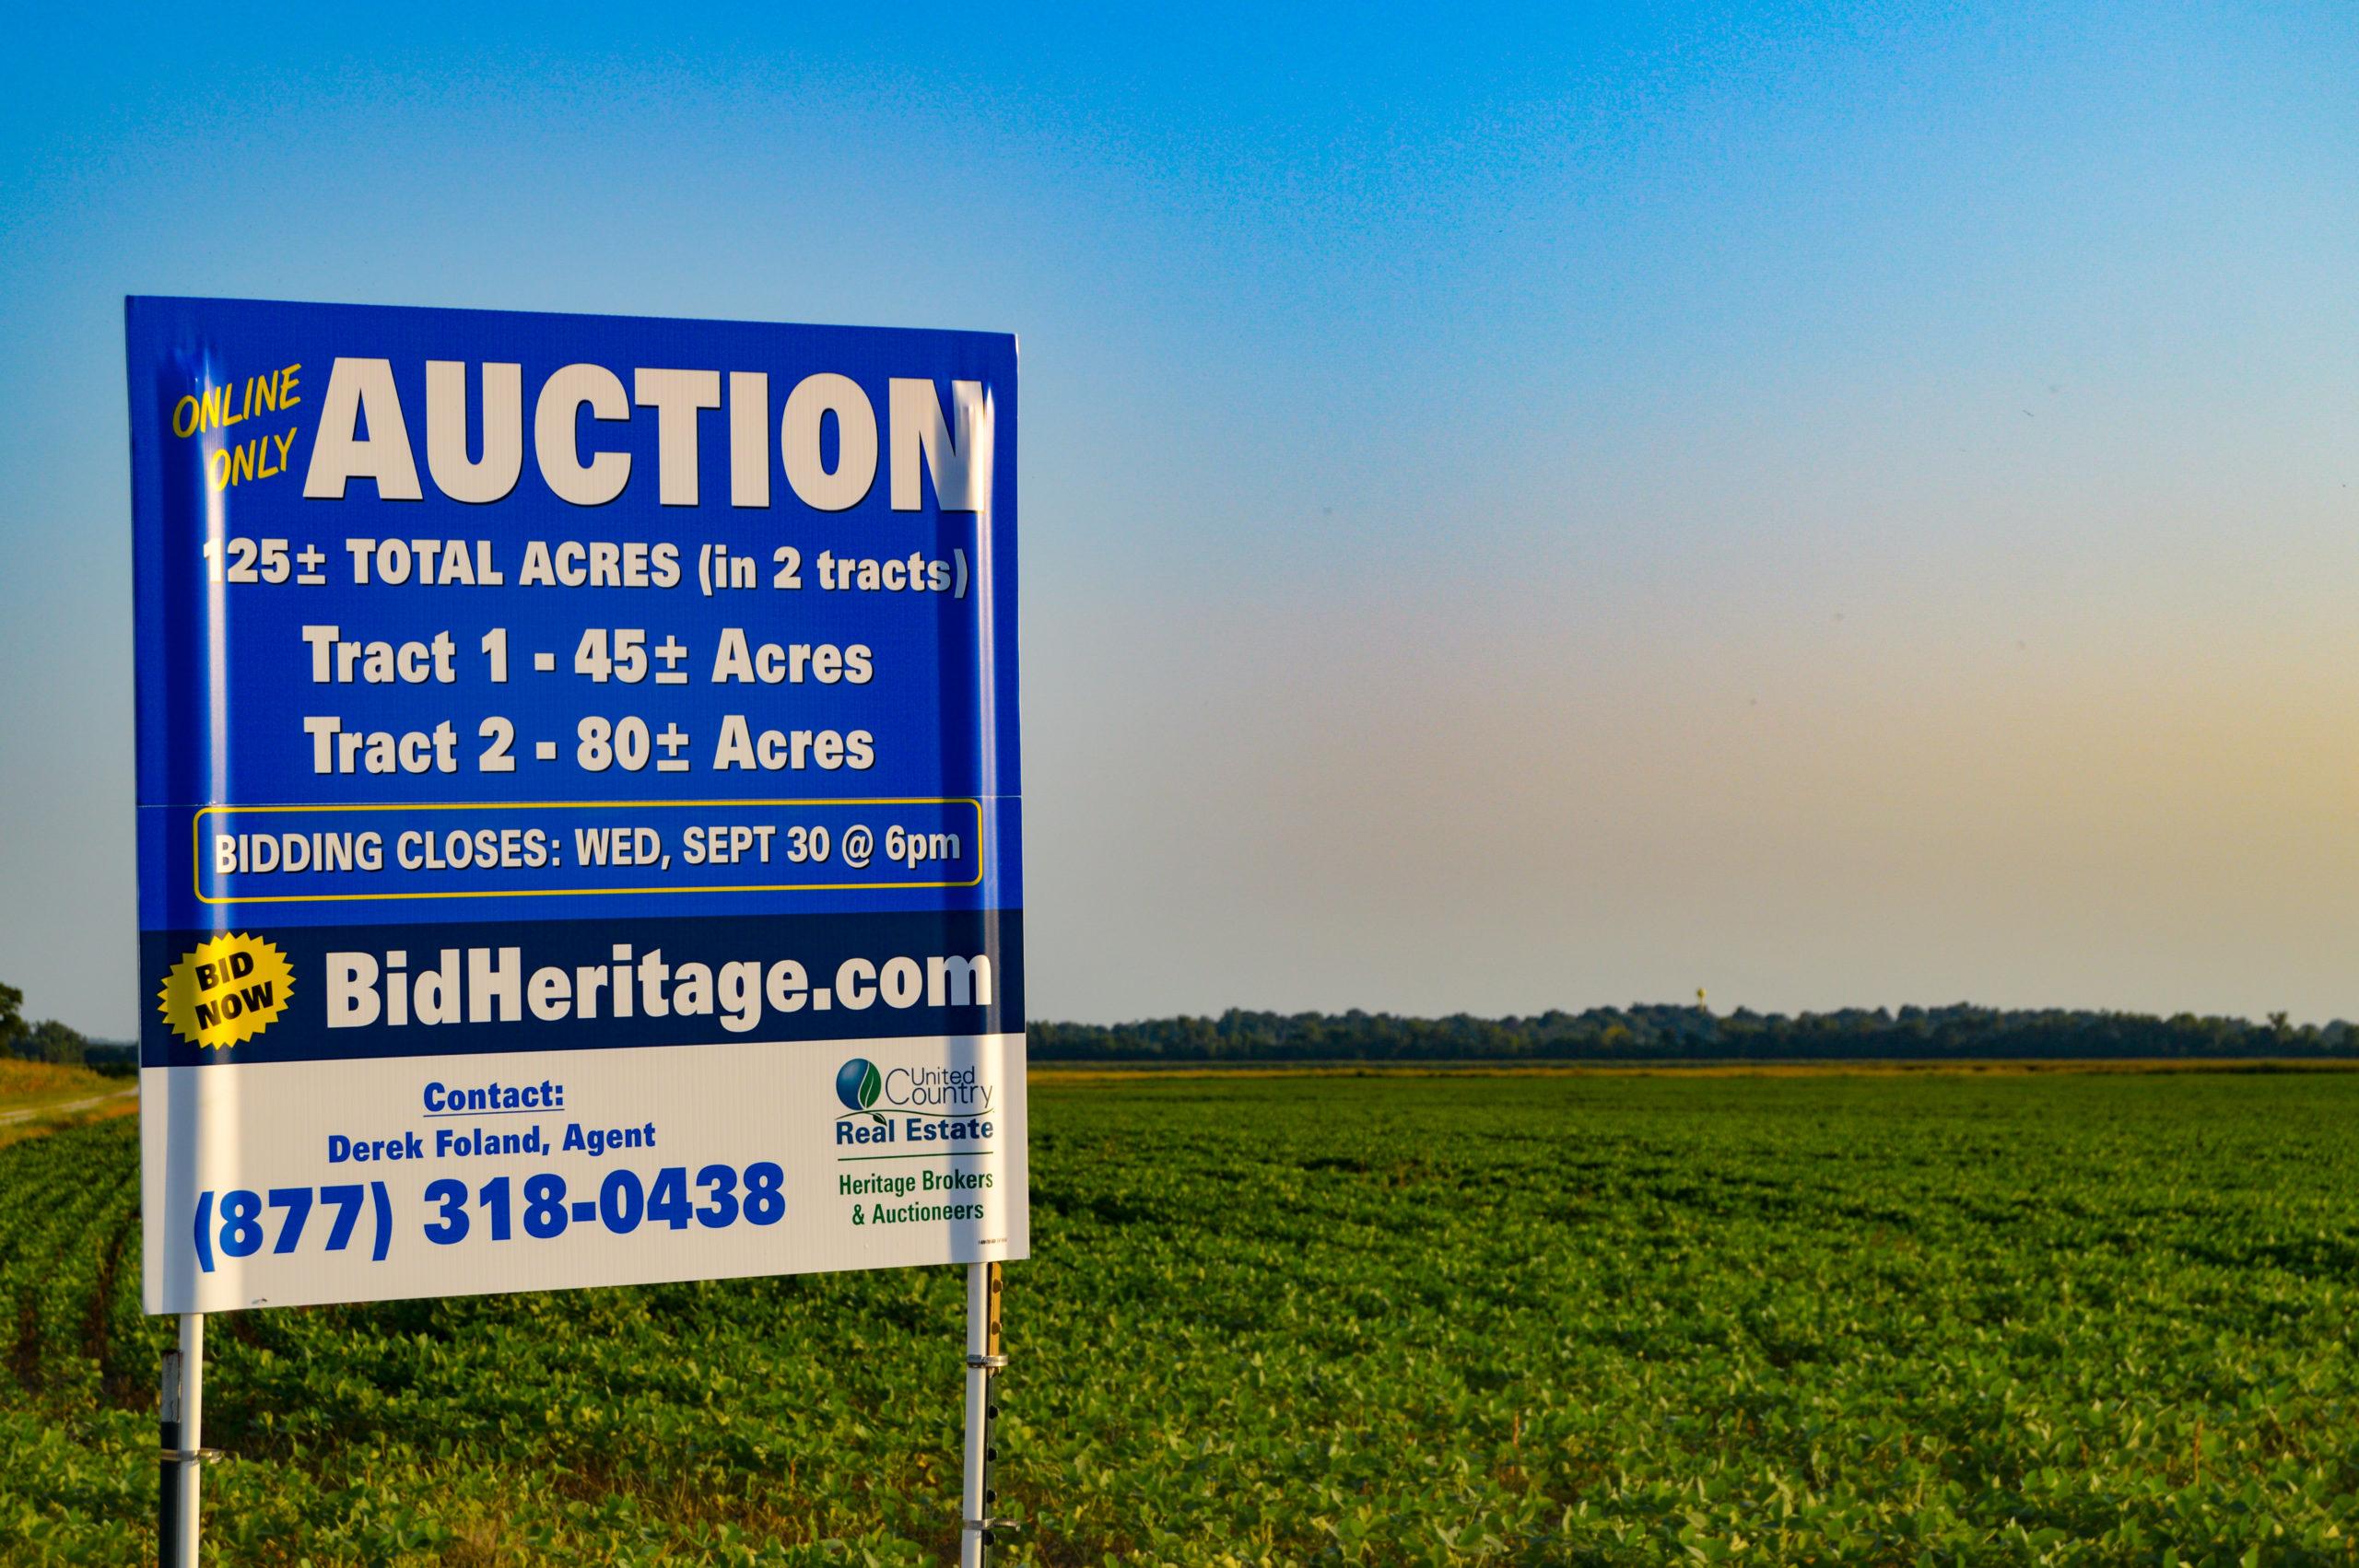 Missouri River Farm Online Auction